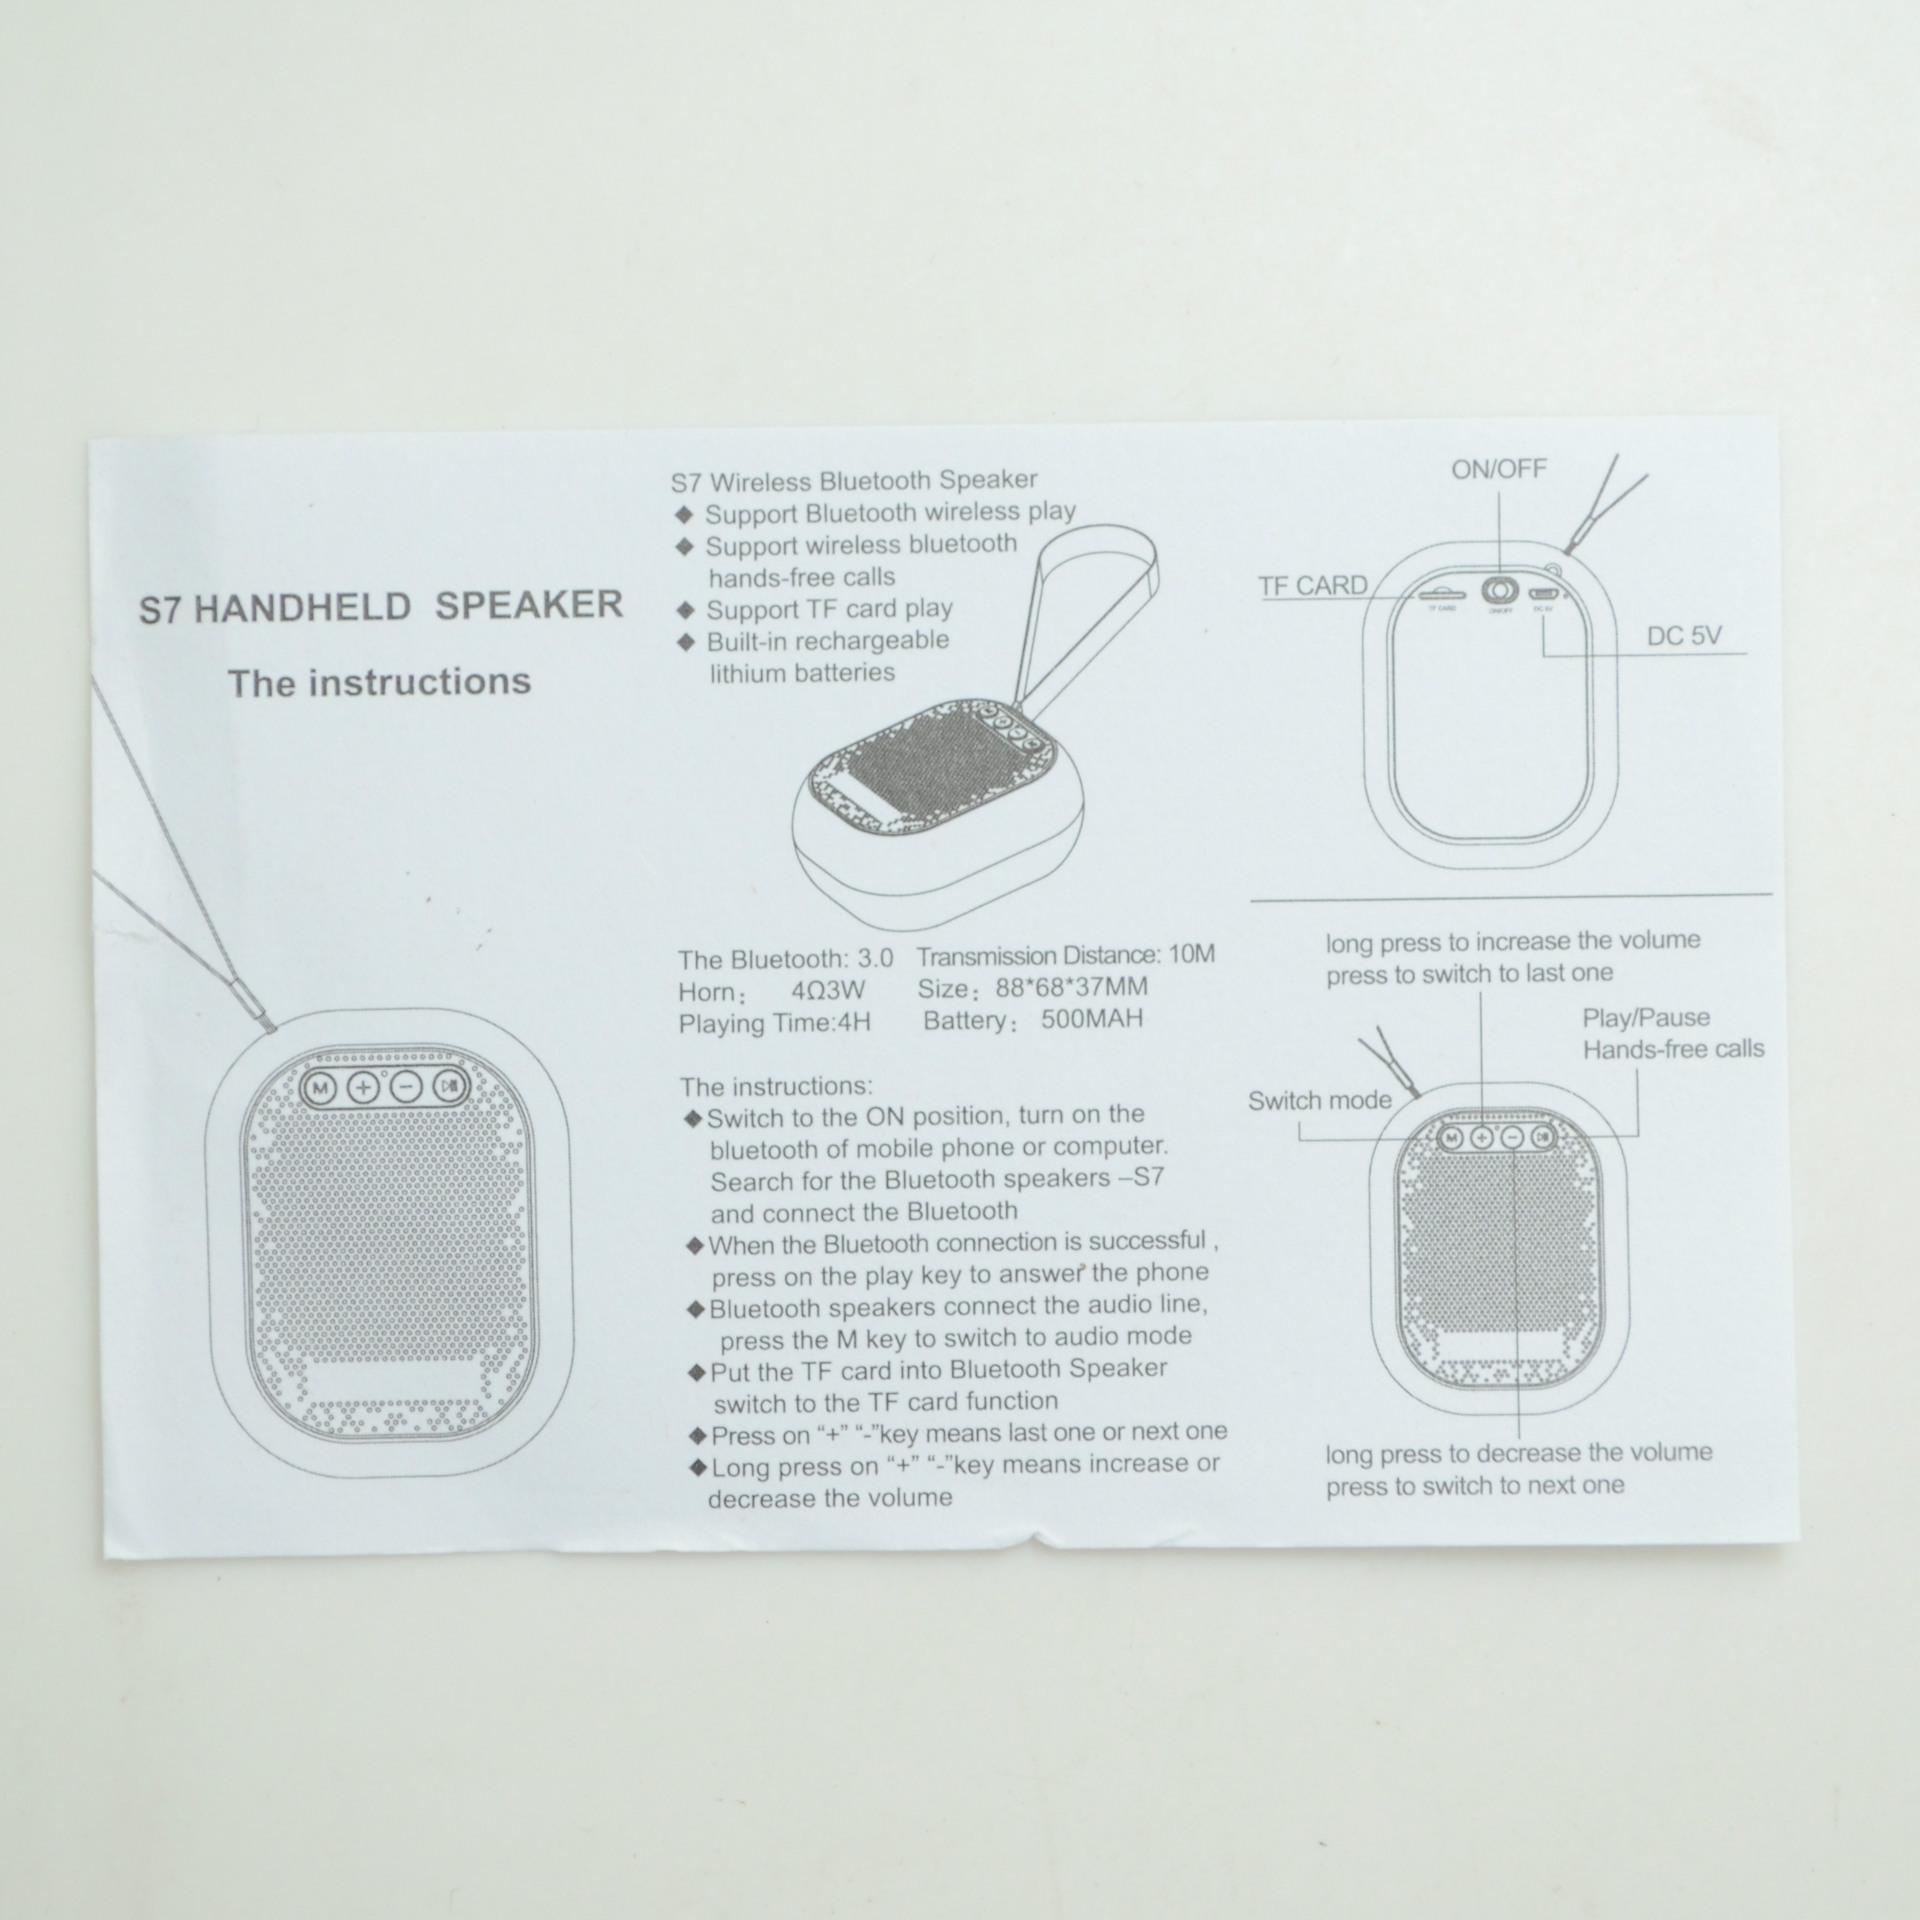 欧创思品牌S7掌上迷你蓝牙音箱,只有巴掌大小,一手玩转音乐,